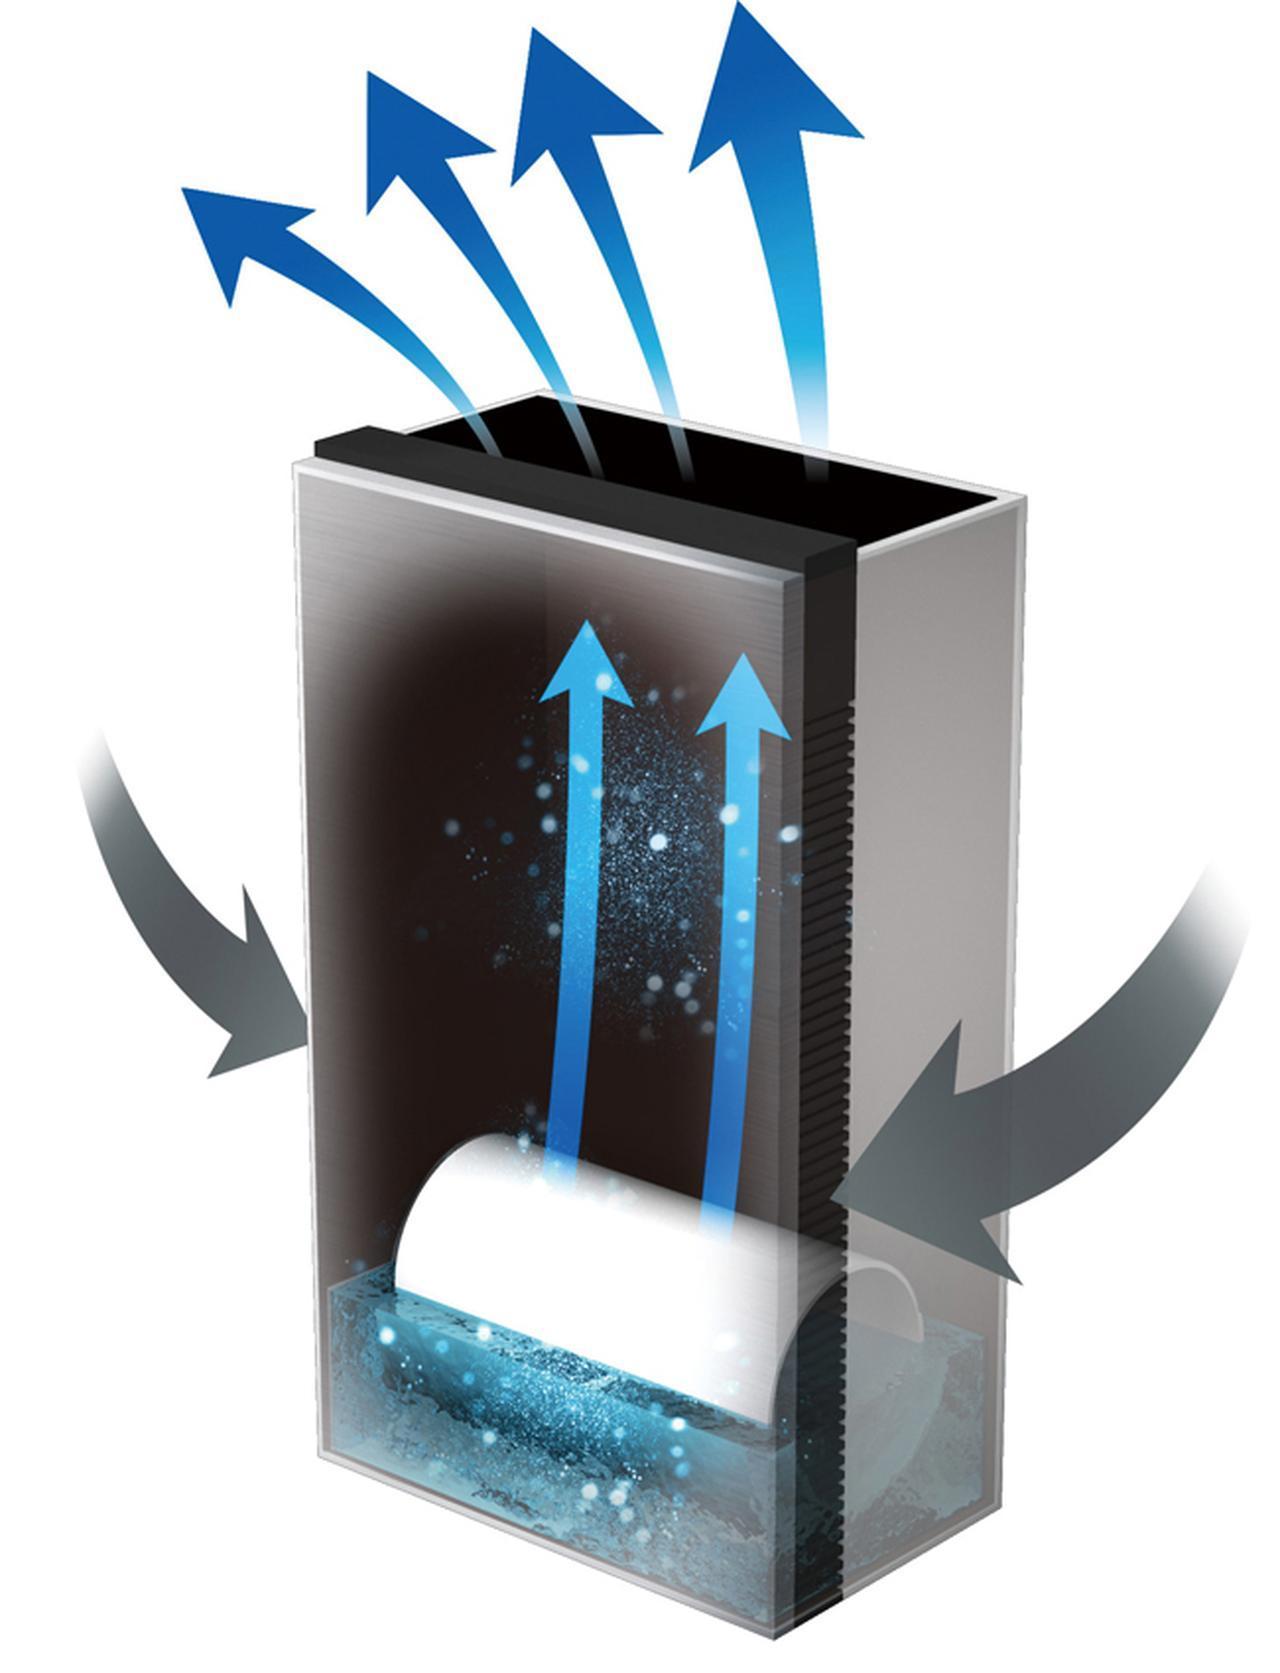 画像: 保護エレメントできれいになった空気は、ジアイーノの天面から送り出される。このとき、除菌フィルターから揮発した次亜塩素酸も一緒に空気中に放出され、室内の壁や床、家具などに付着している菌やウイルスに張り付き、表面のタンパク質を破壊して無効化する。